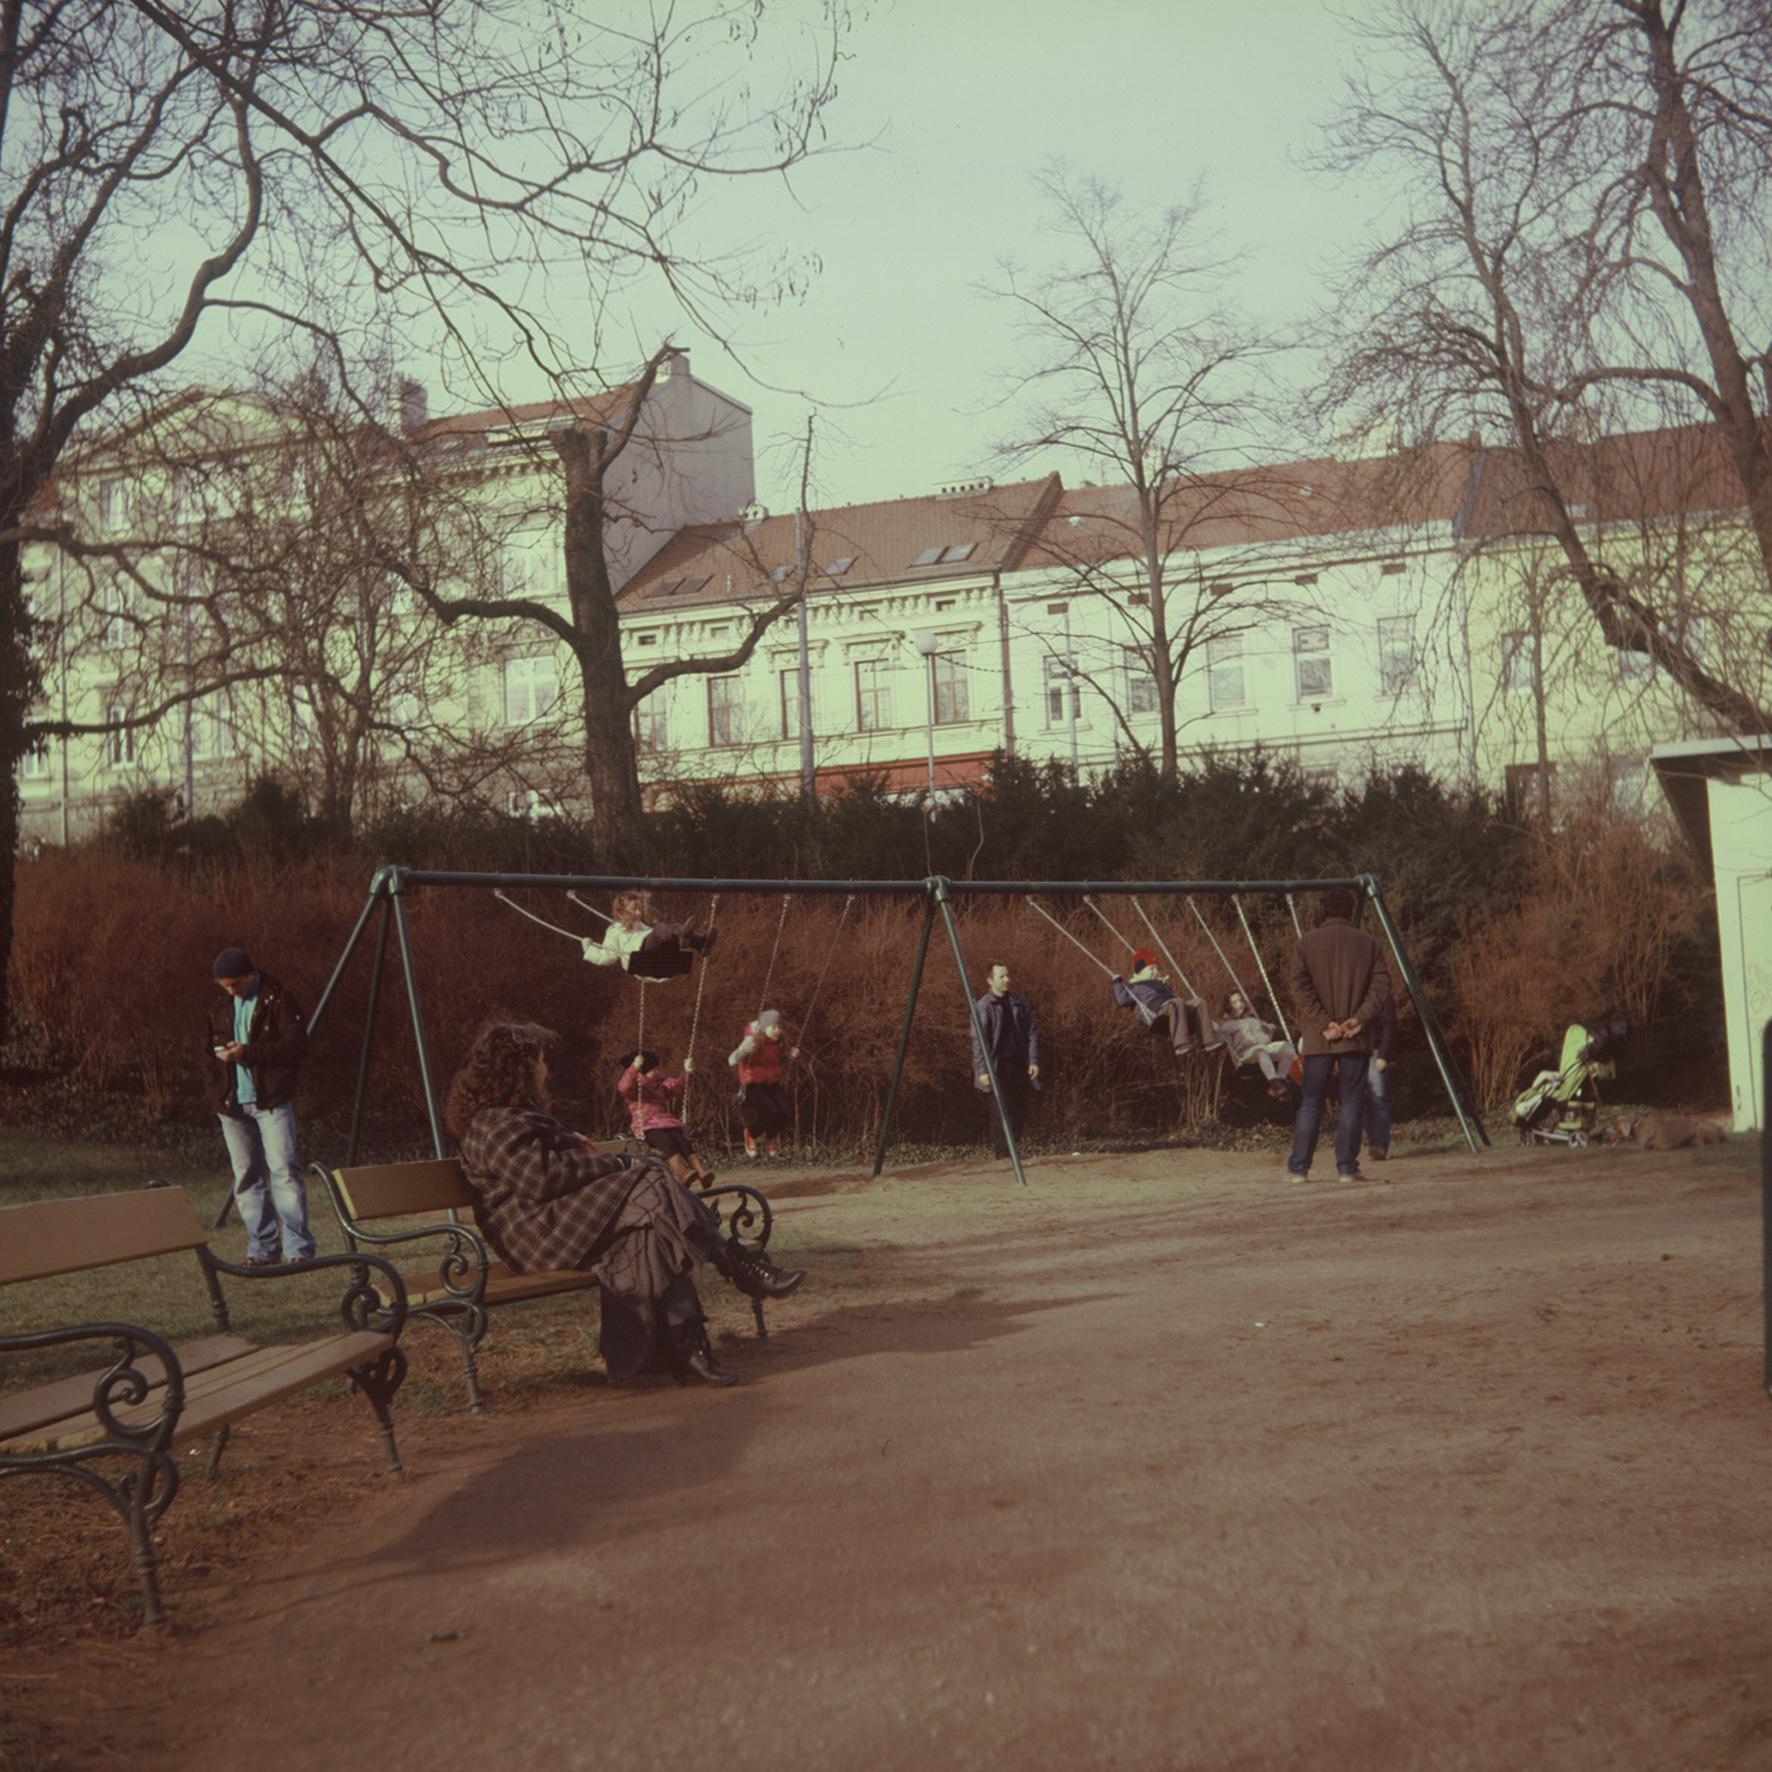 Flexaret 3a - Children on Swings in the Park 2